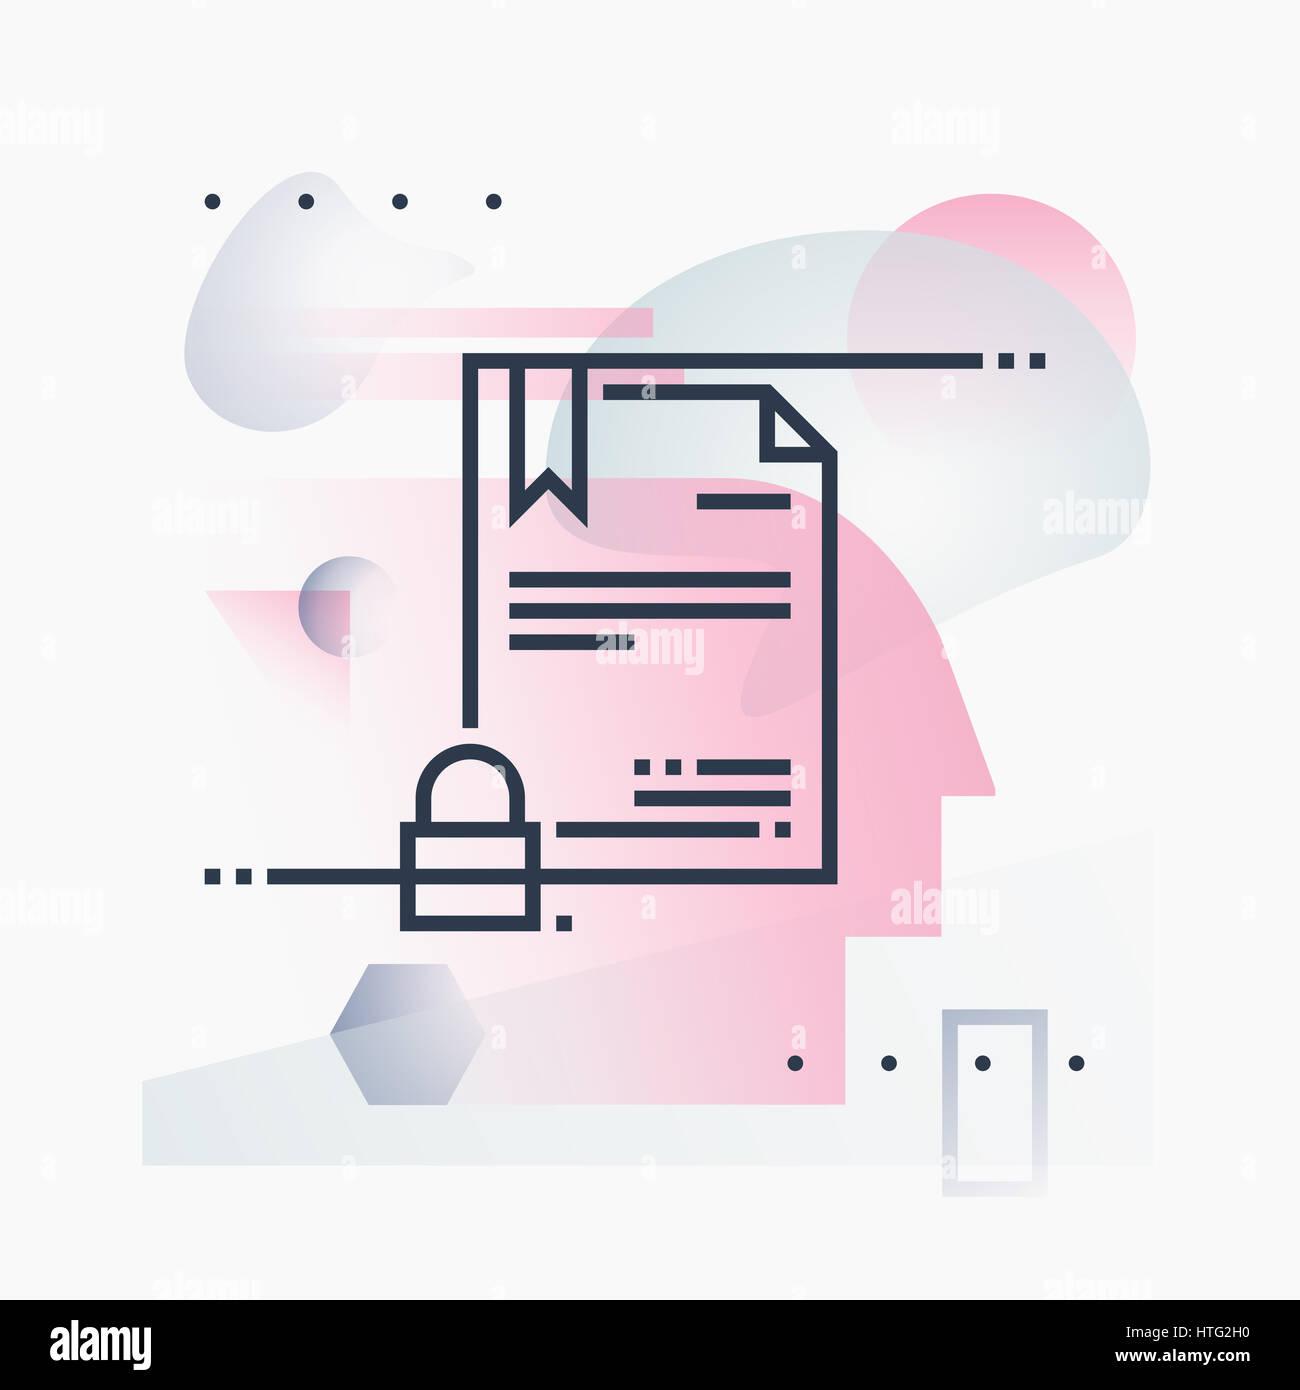 La seguridad de los certificados digitales, documentos en línea de la tecnología. Ilustración abstracto Imagen De Stock